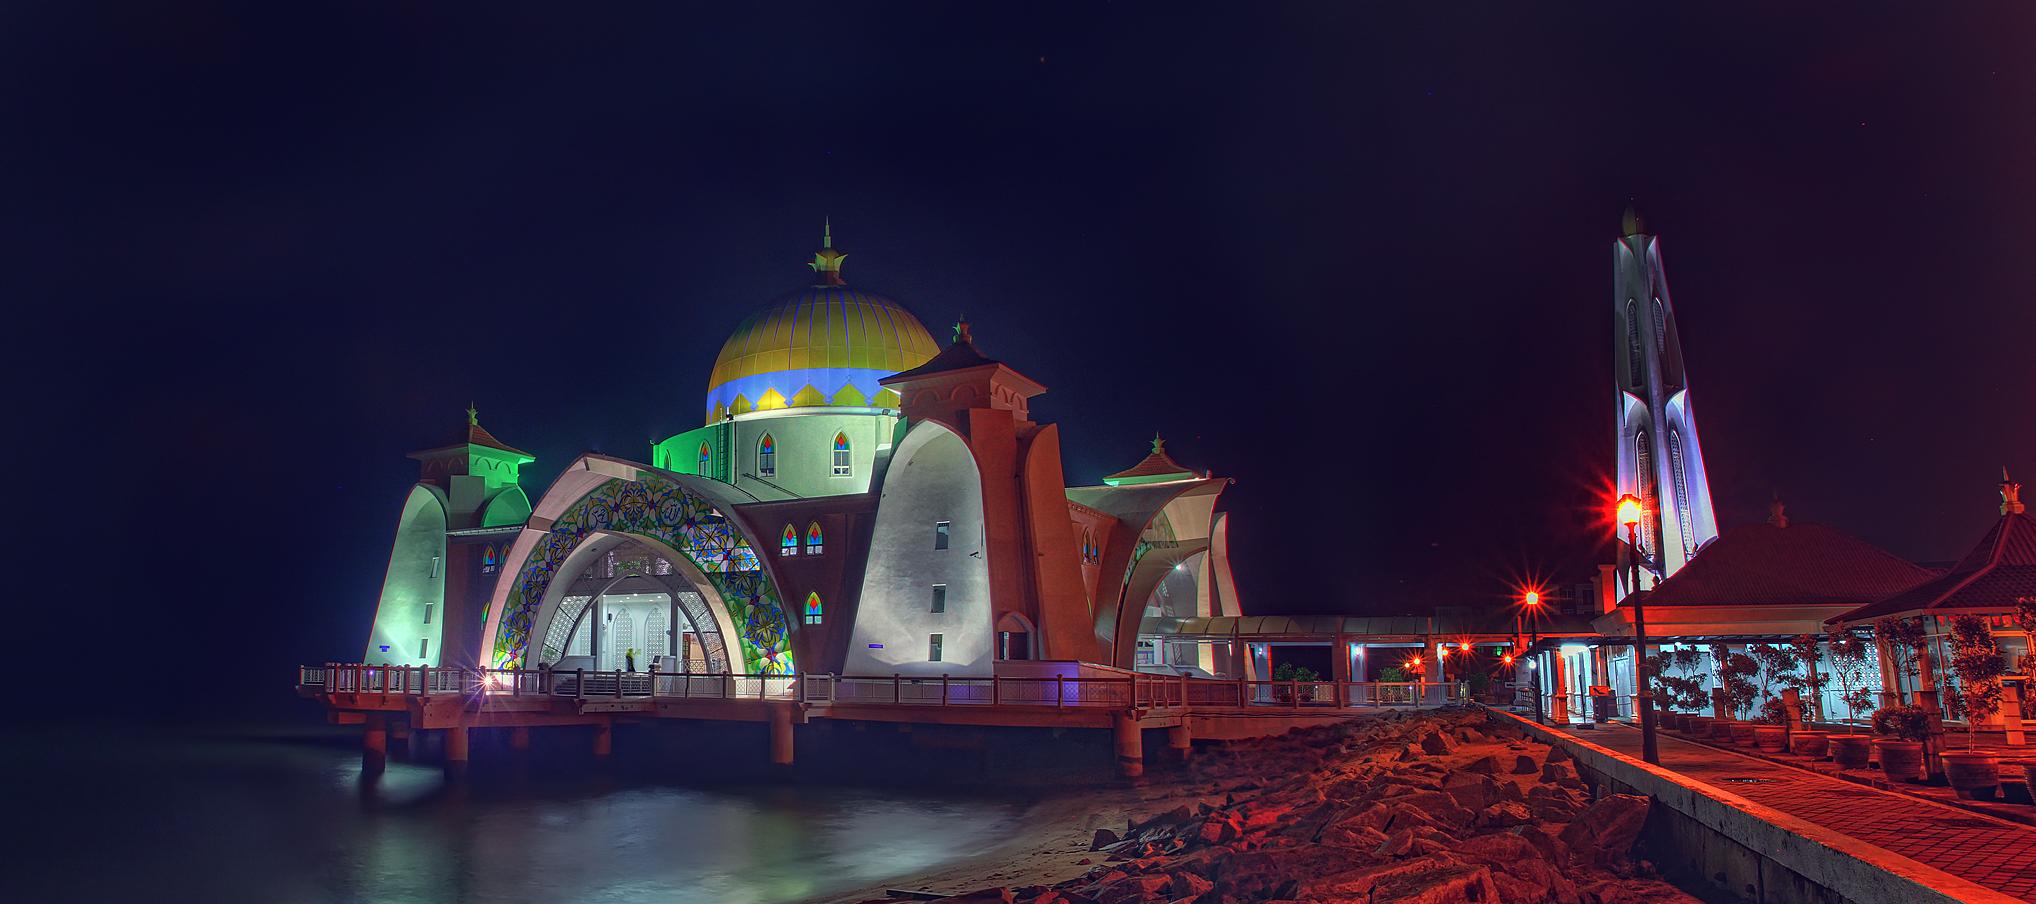 Homestay Masjid Selat Melaka File:masjid Selat Melaka Side